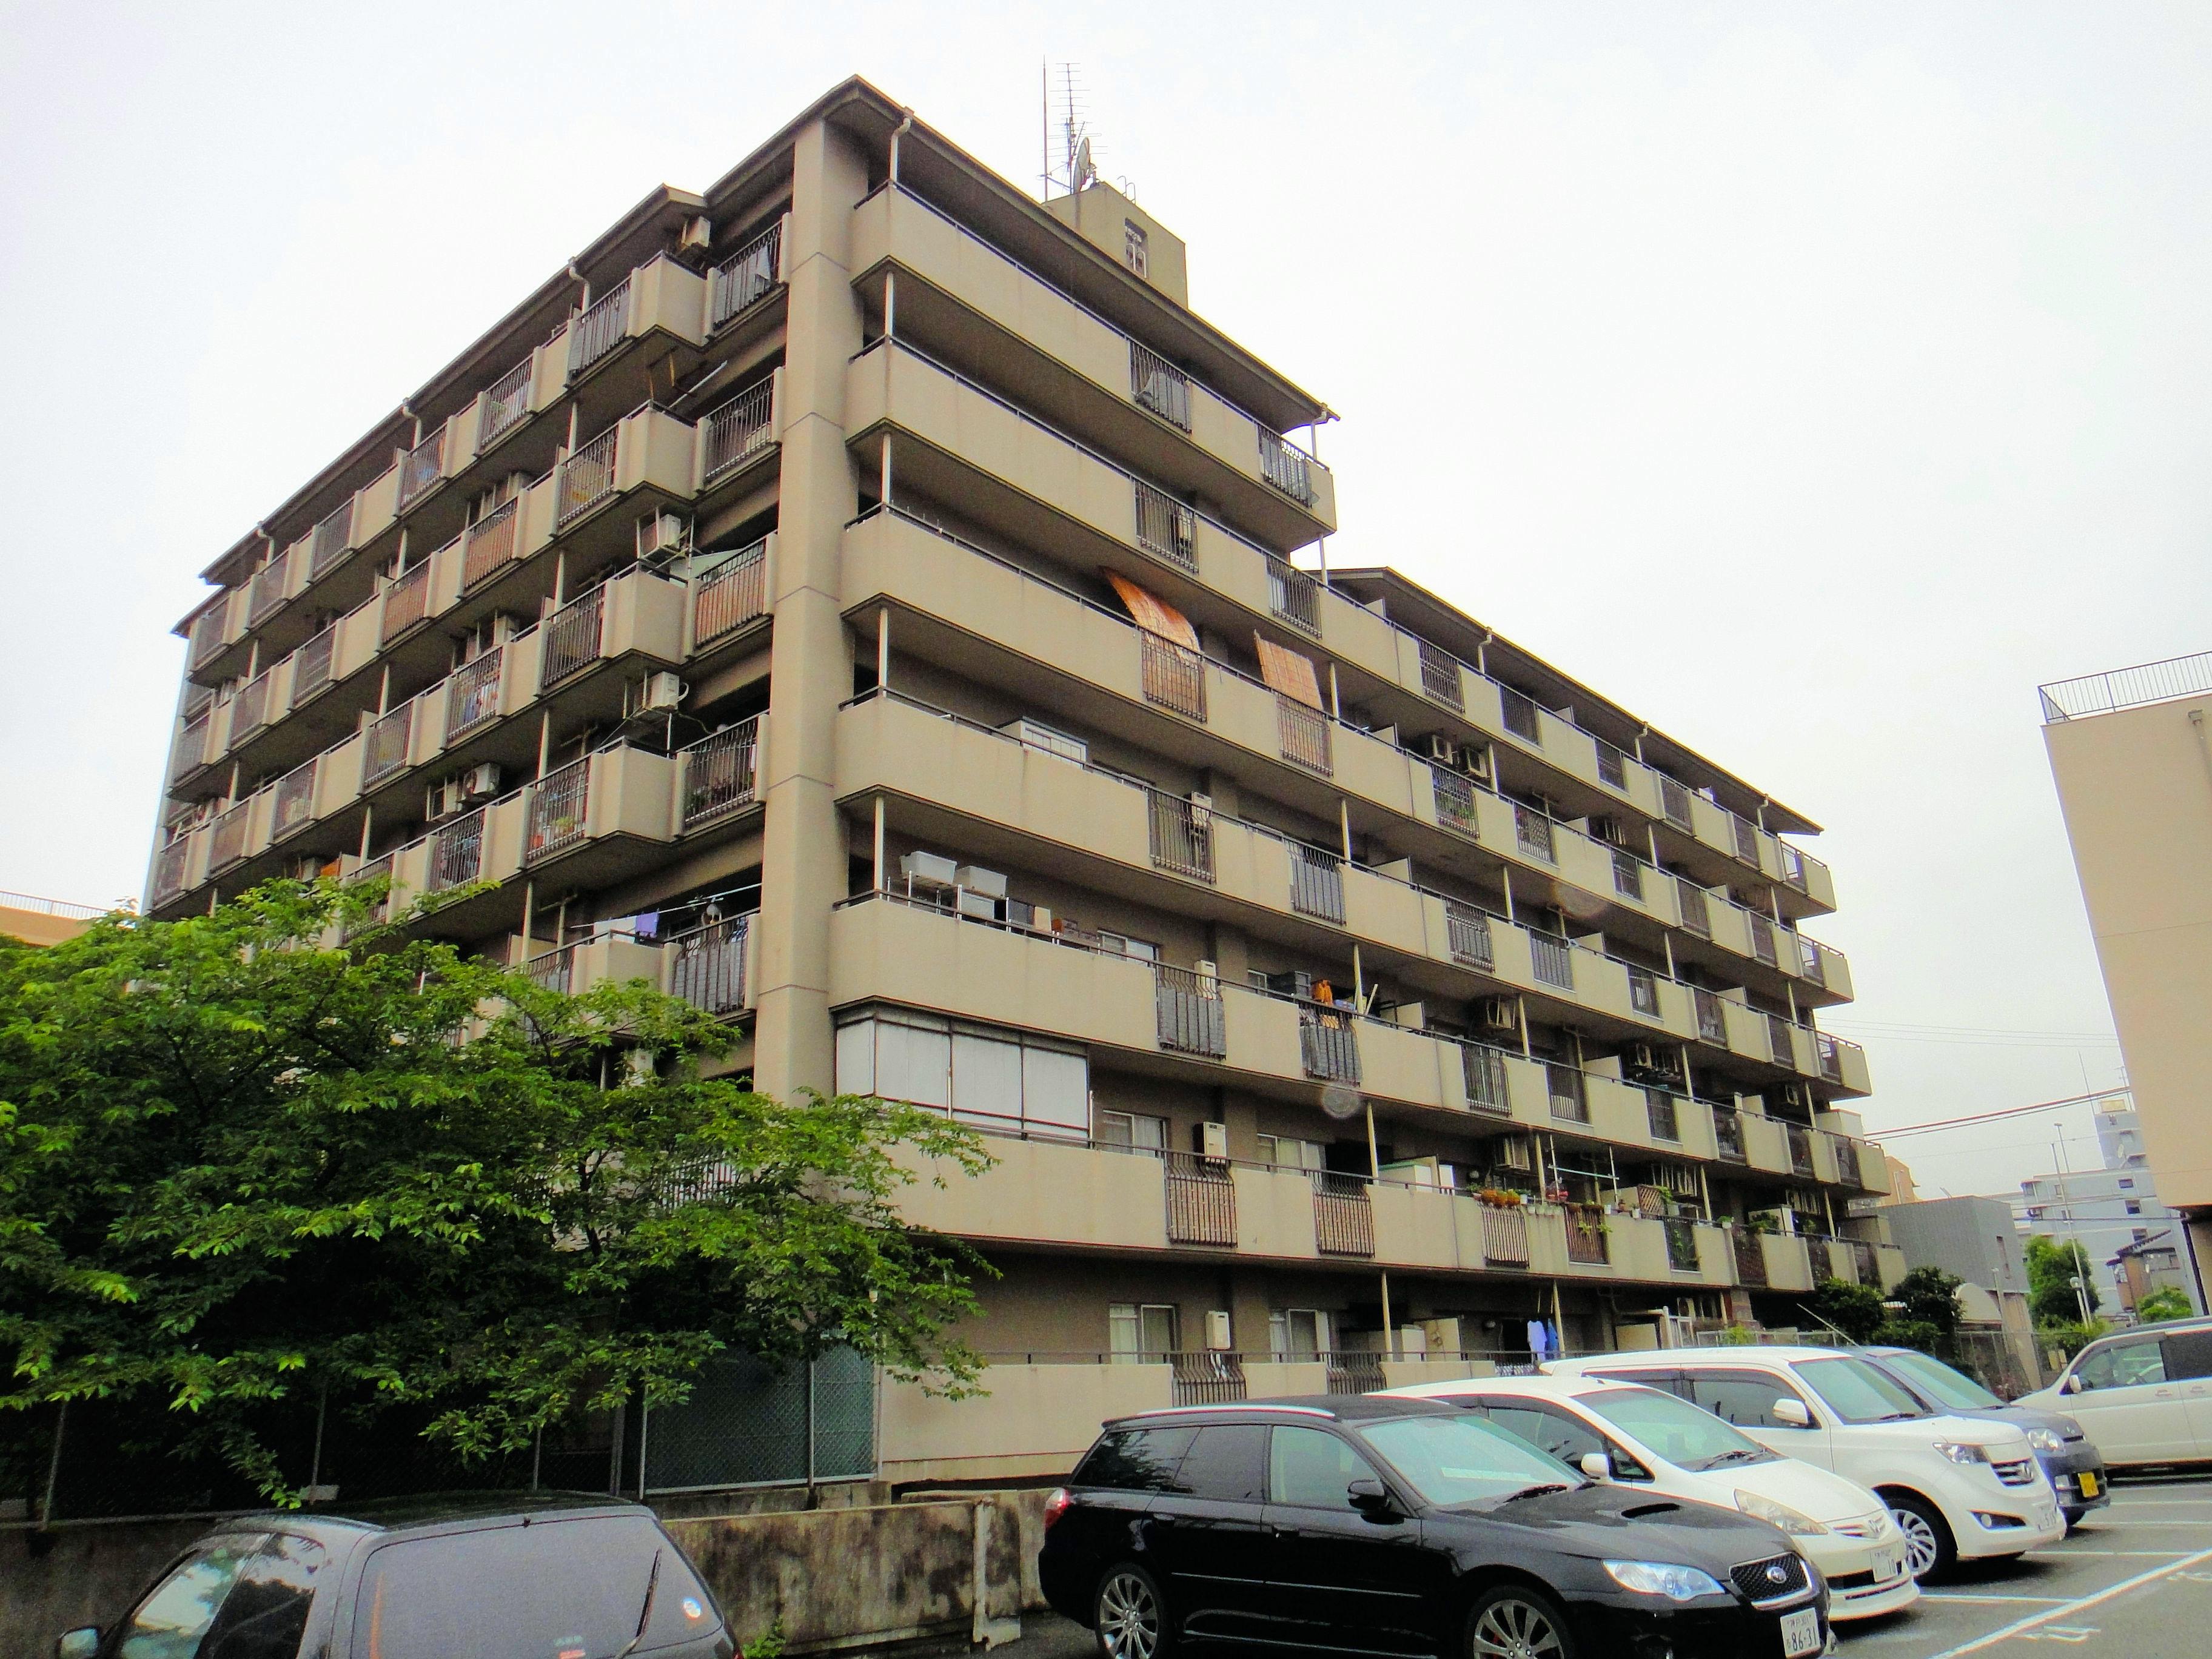 甲南グランドハイム御影大規模修繕工事(兵庫県神戸市)